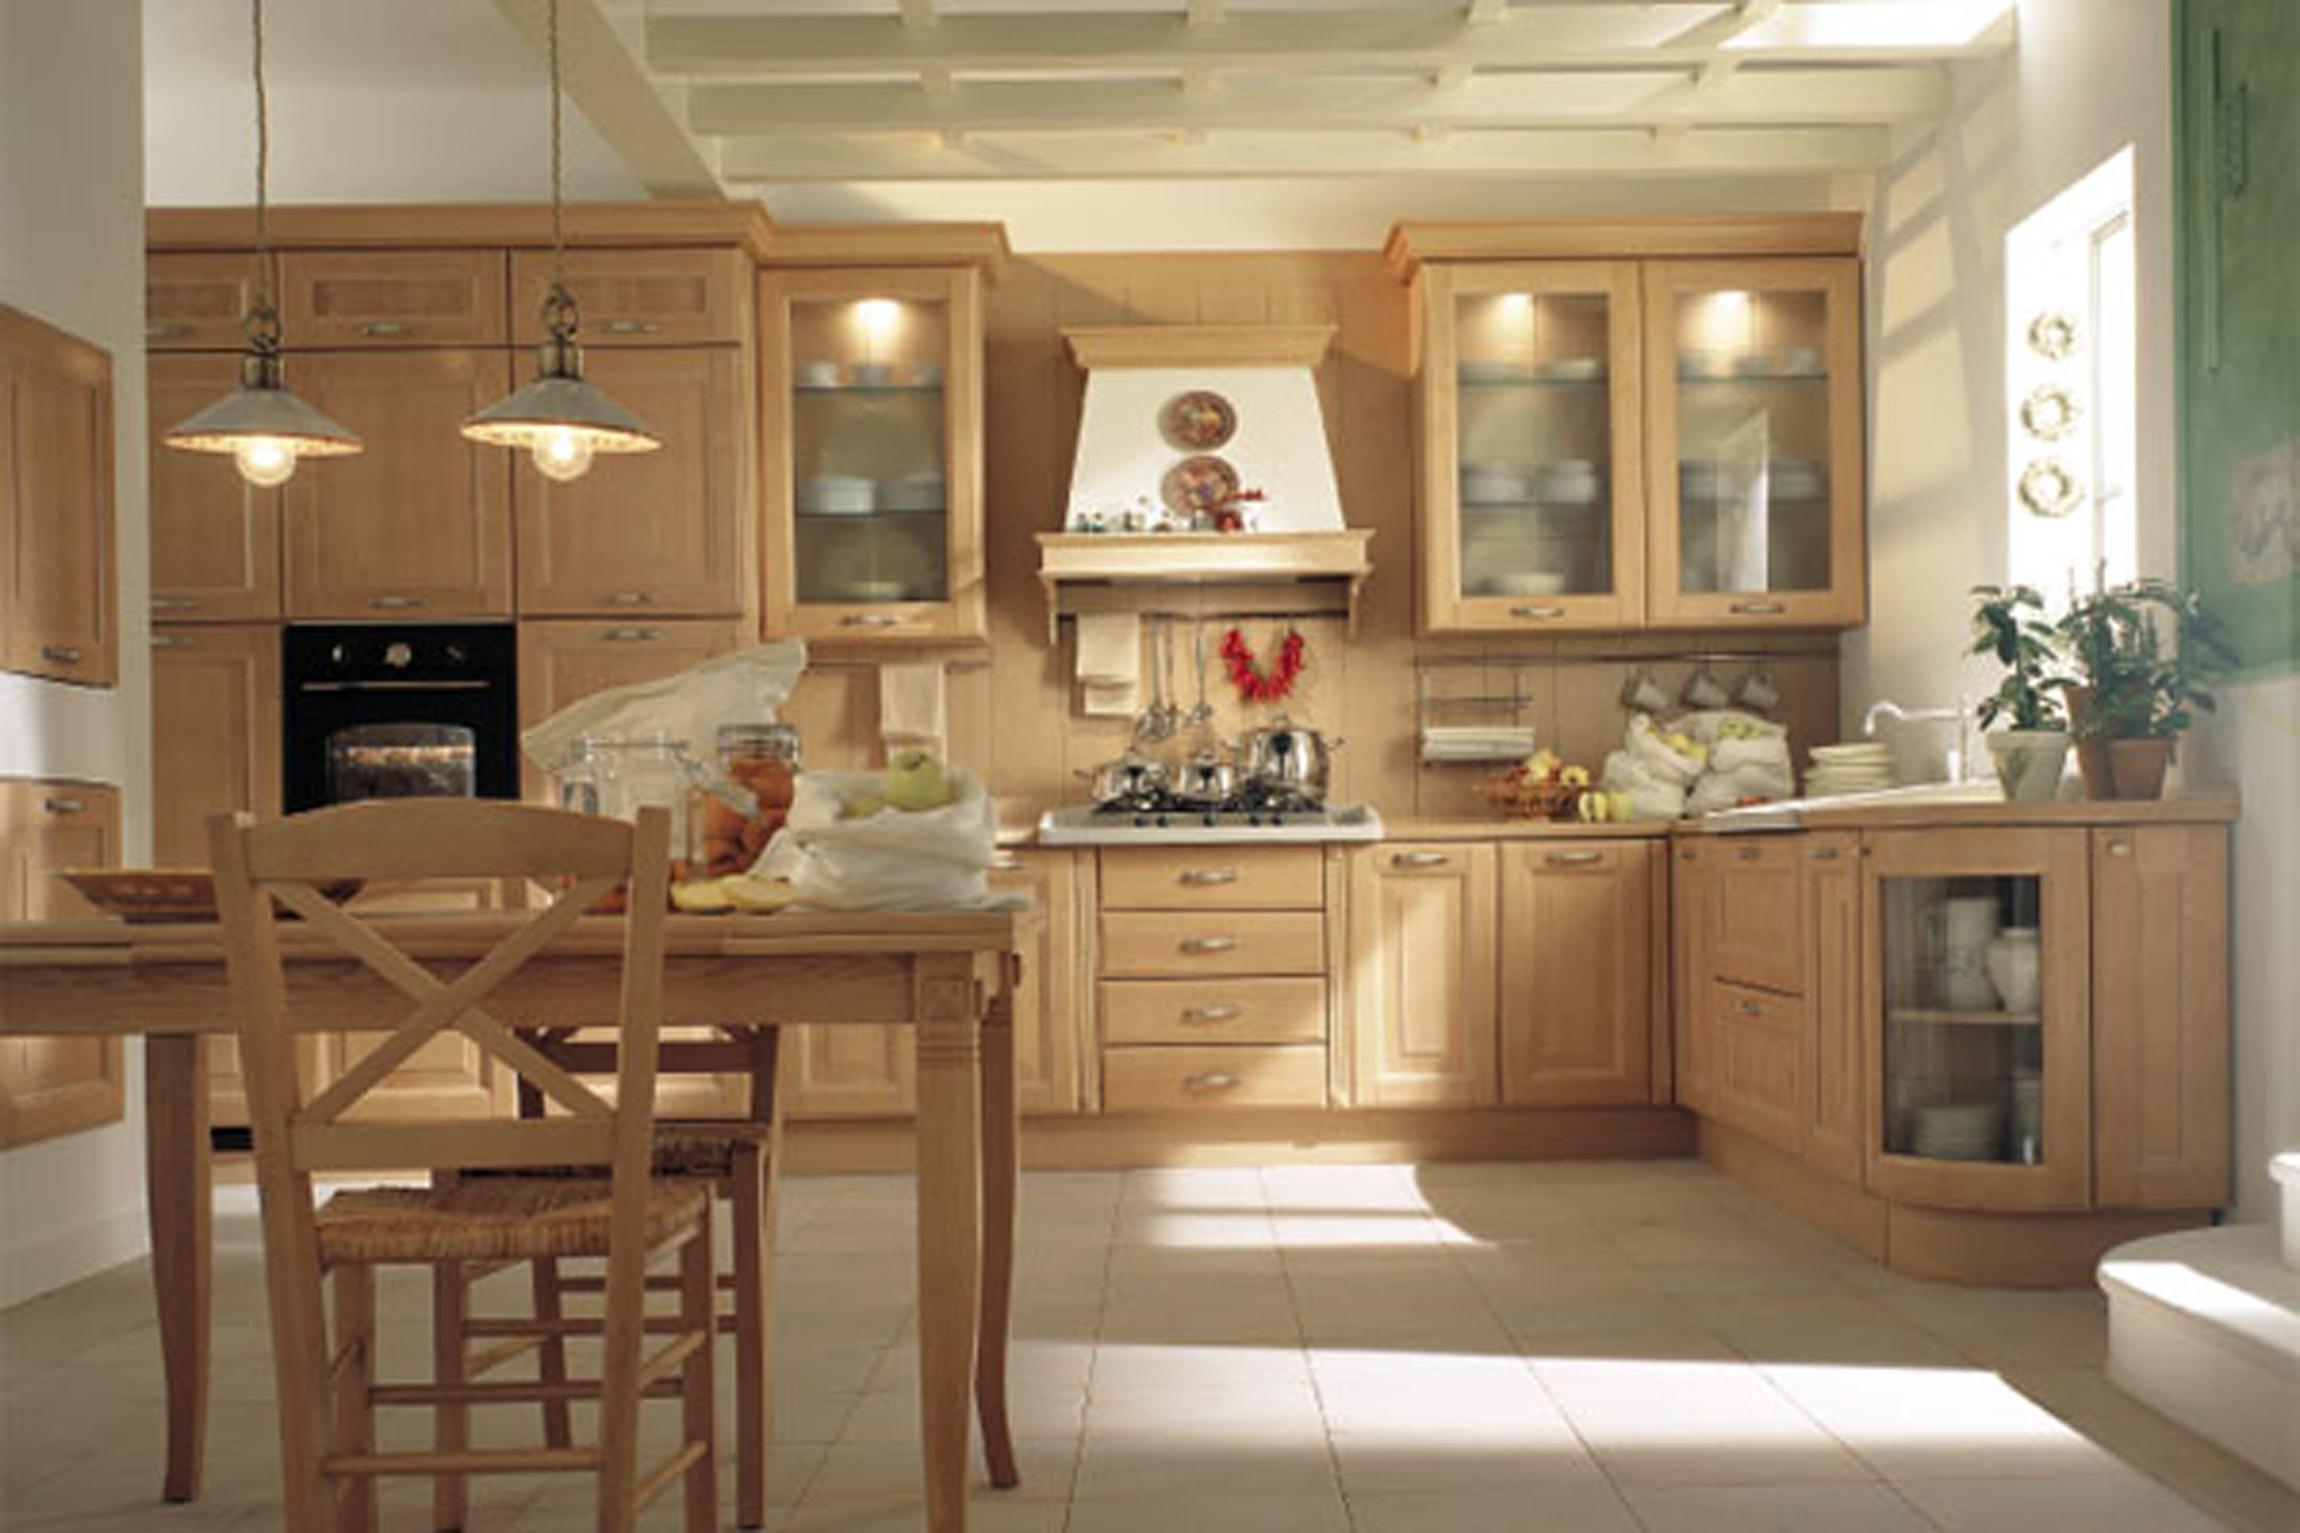 kitchen-cabinets-provenzale-legno